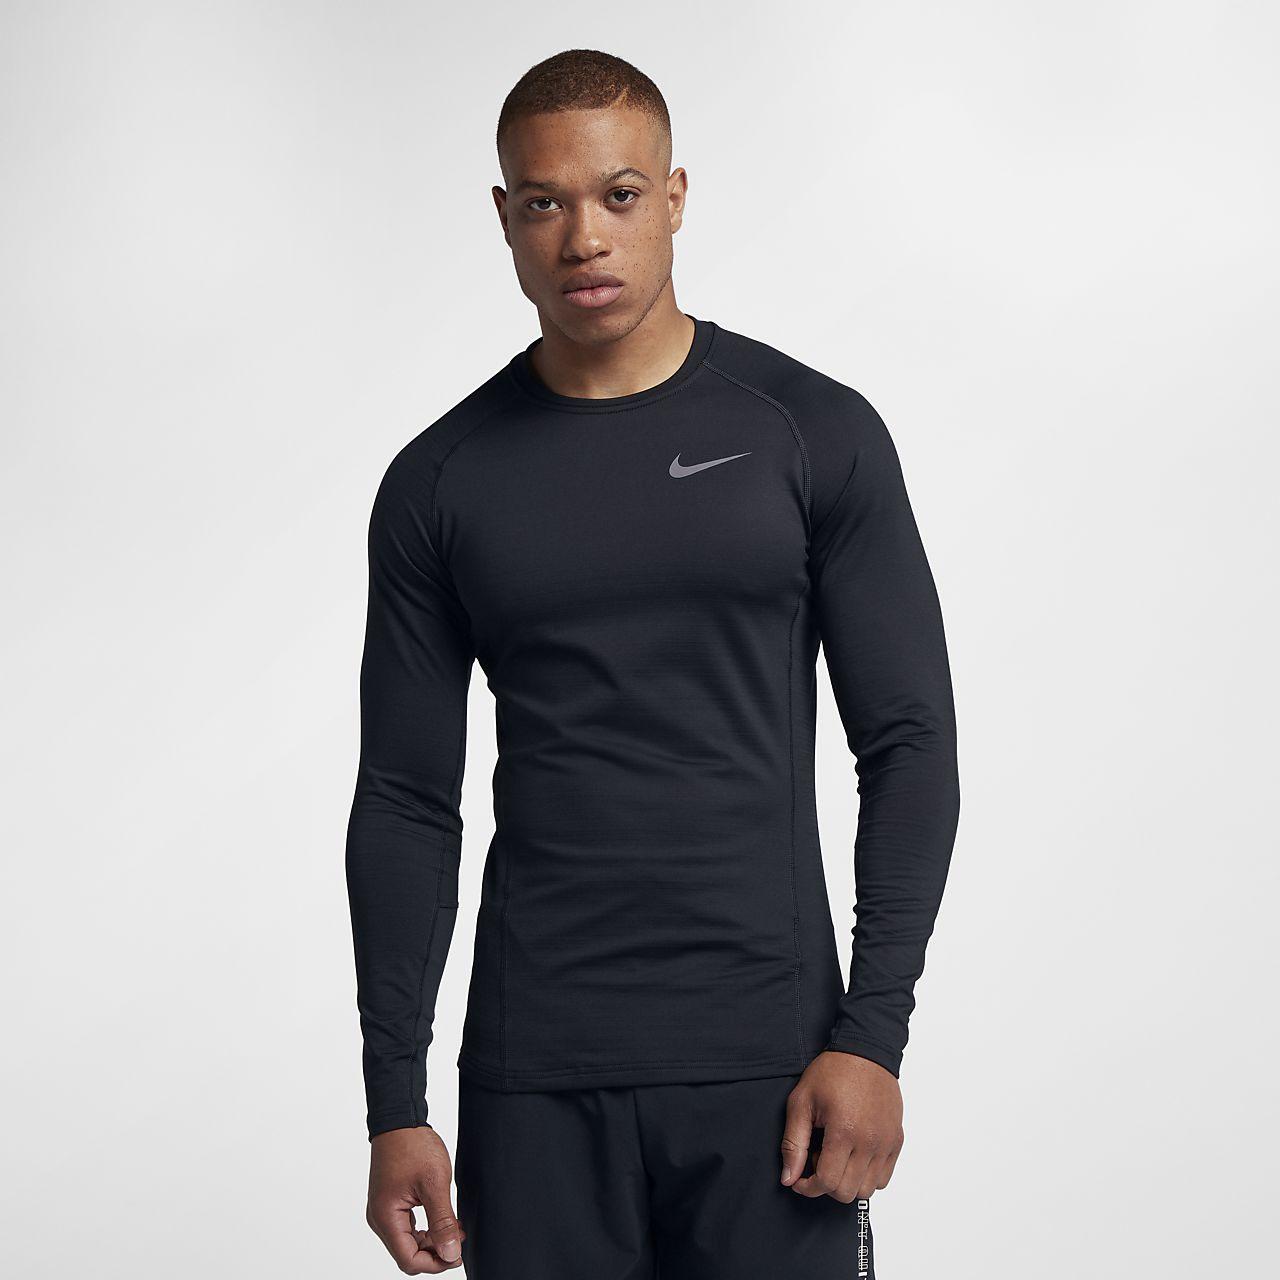 Pánské tréninkové tričko s dlouhým rukávem Nike Pro Warm